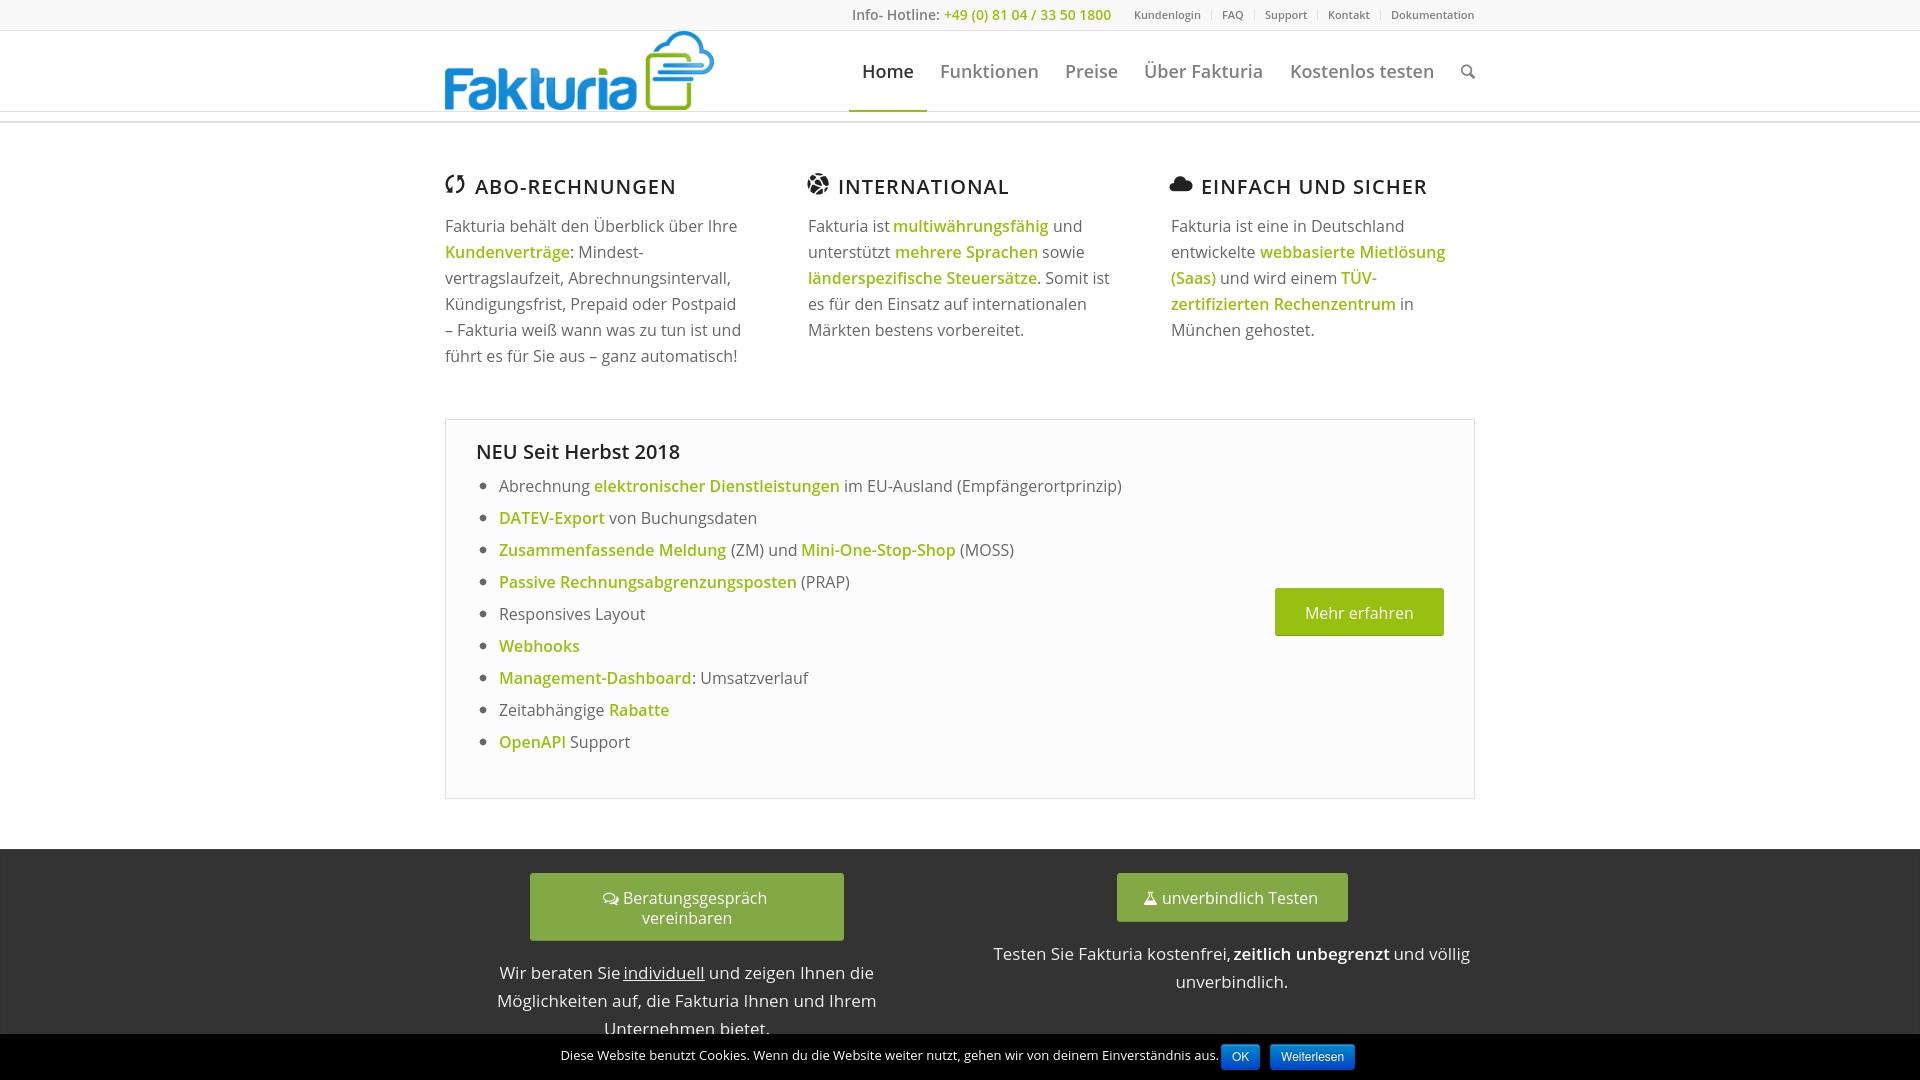 Gutschein für Fakturia: Rabatte für  Fakturia sichern